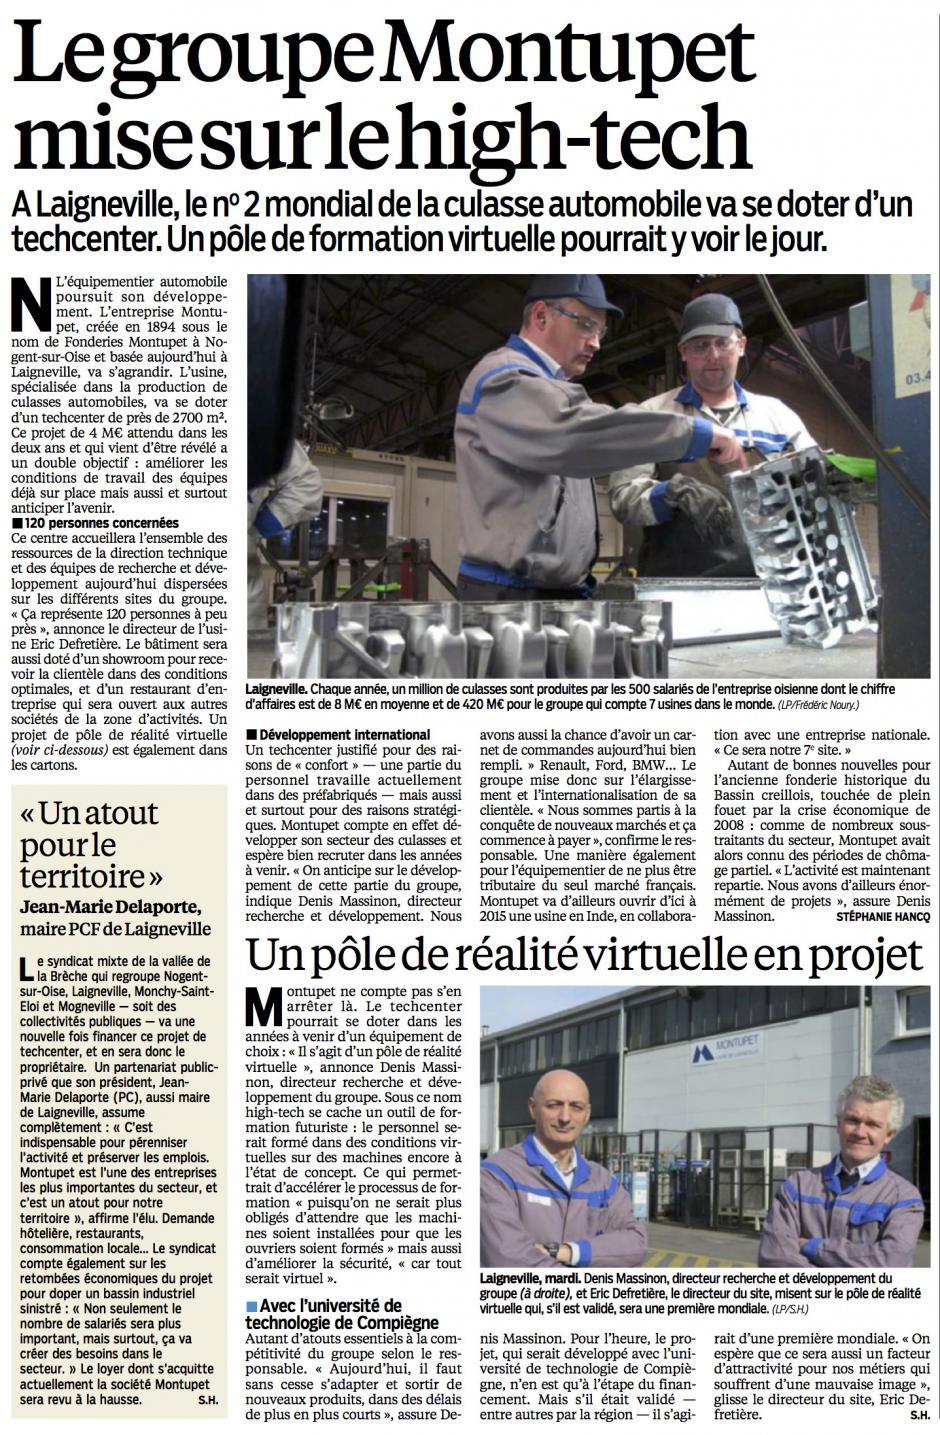 20140227-LeP-Laigneville-Le groupe Montupet mise sur le high-tech